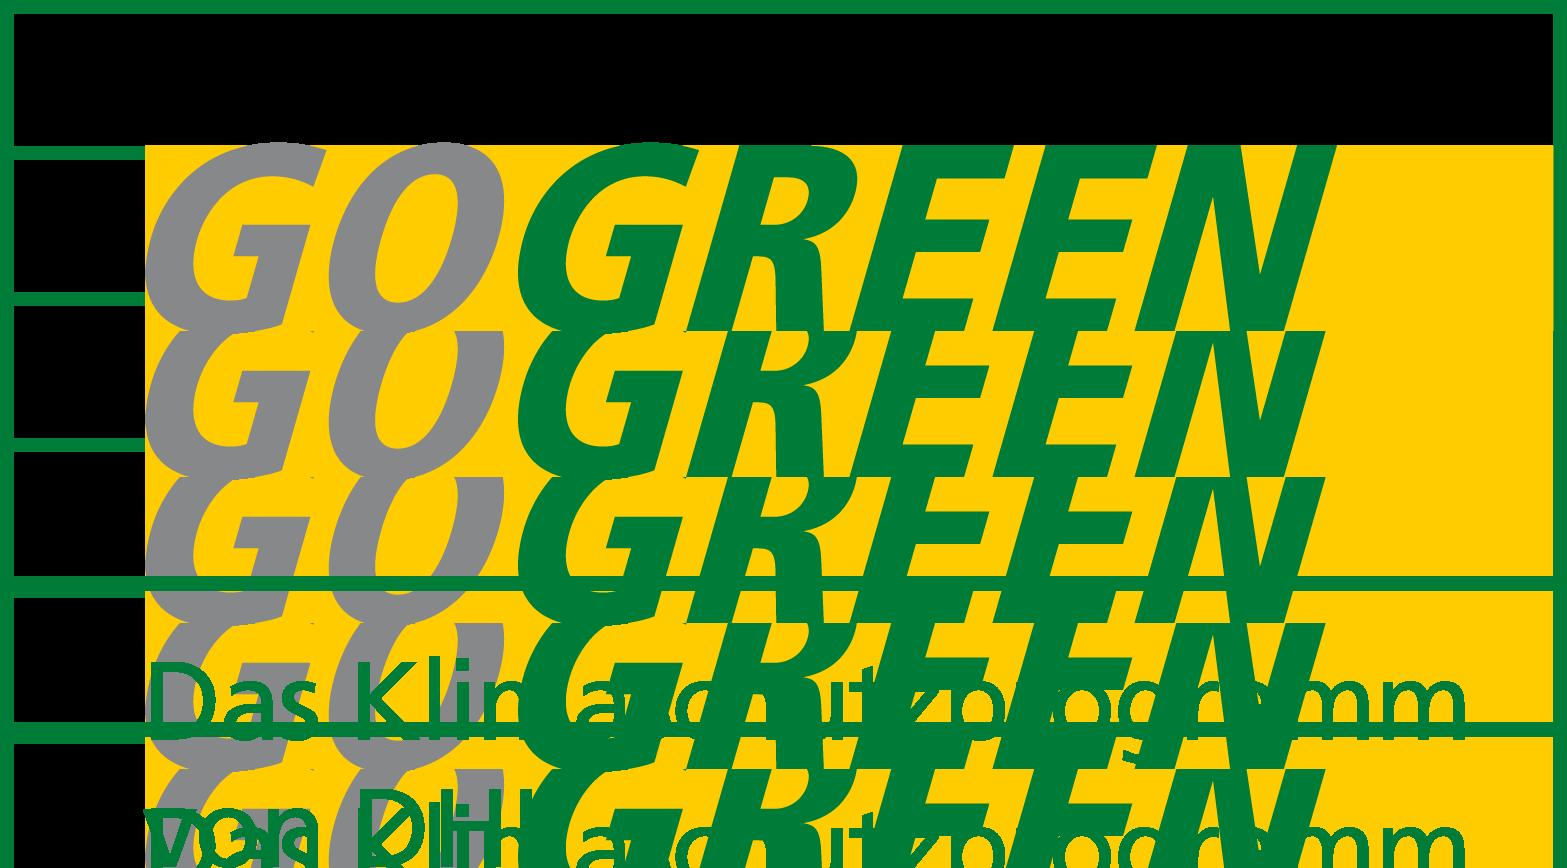 gogreen-dhl-de-rgbvmL2FdLoSqpNN